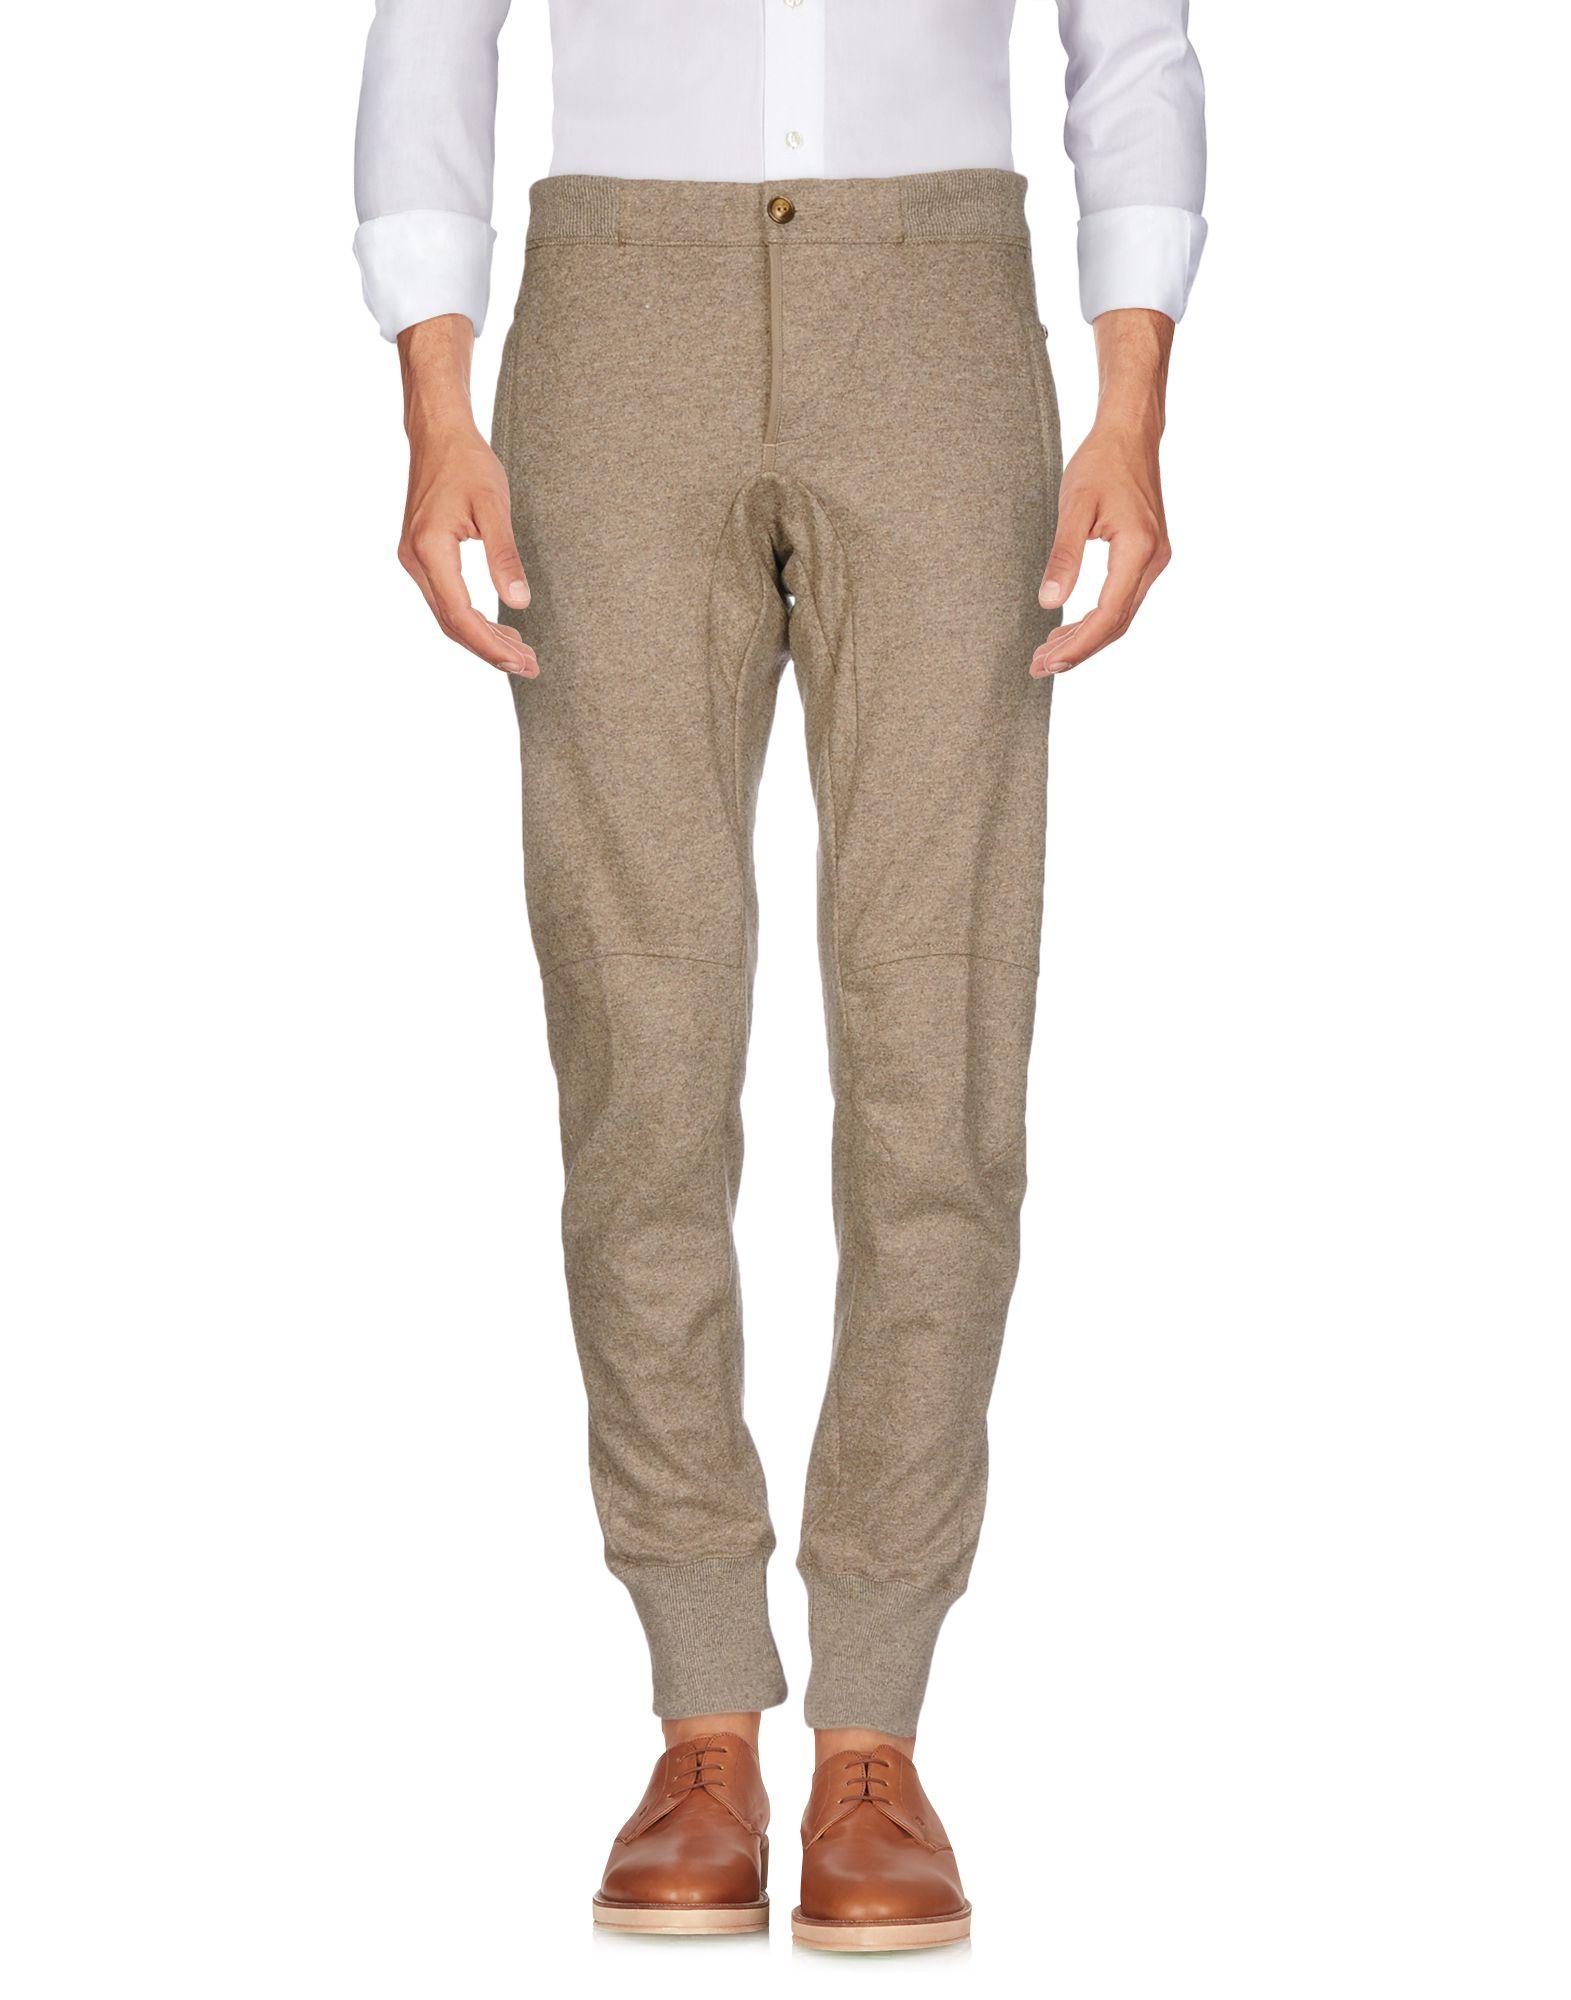 COAST WEBER & AHAUS Повседневные брюки ivory coast